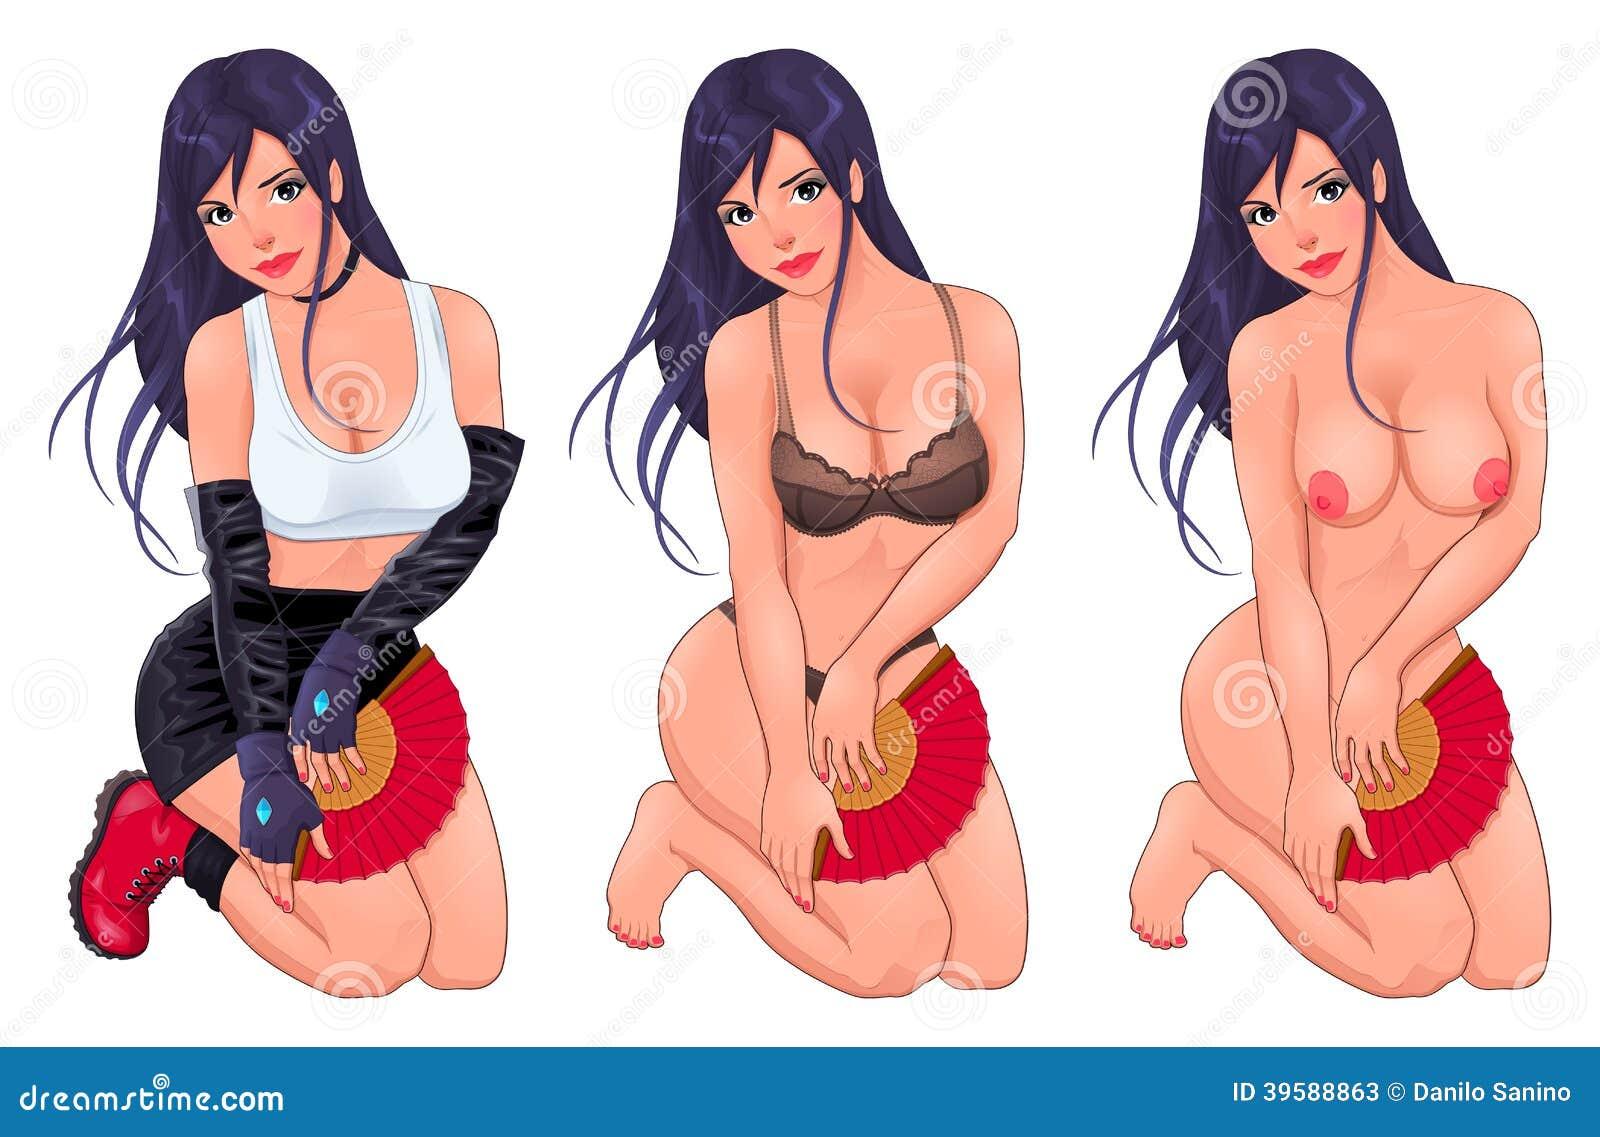 Mujeres vestidas y desvestidas